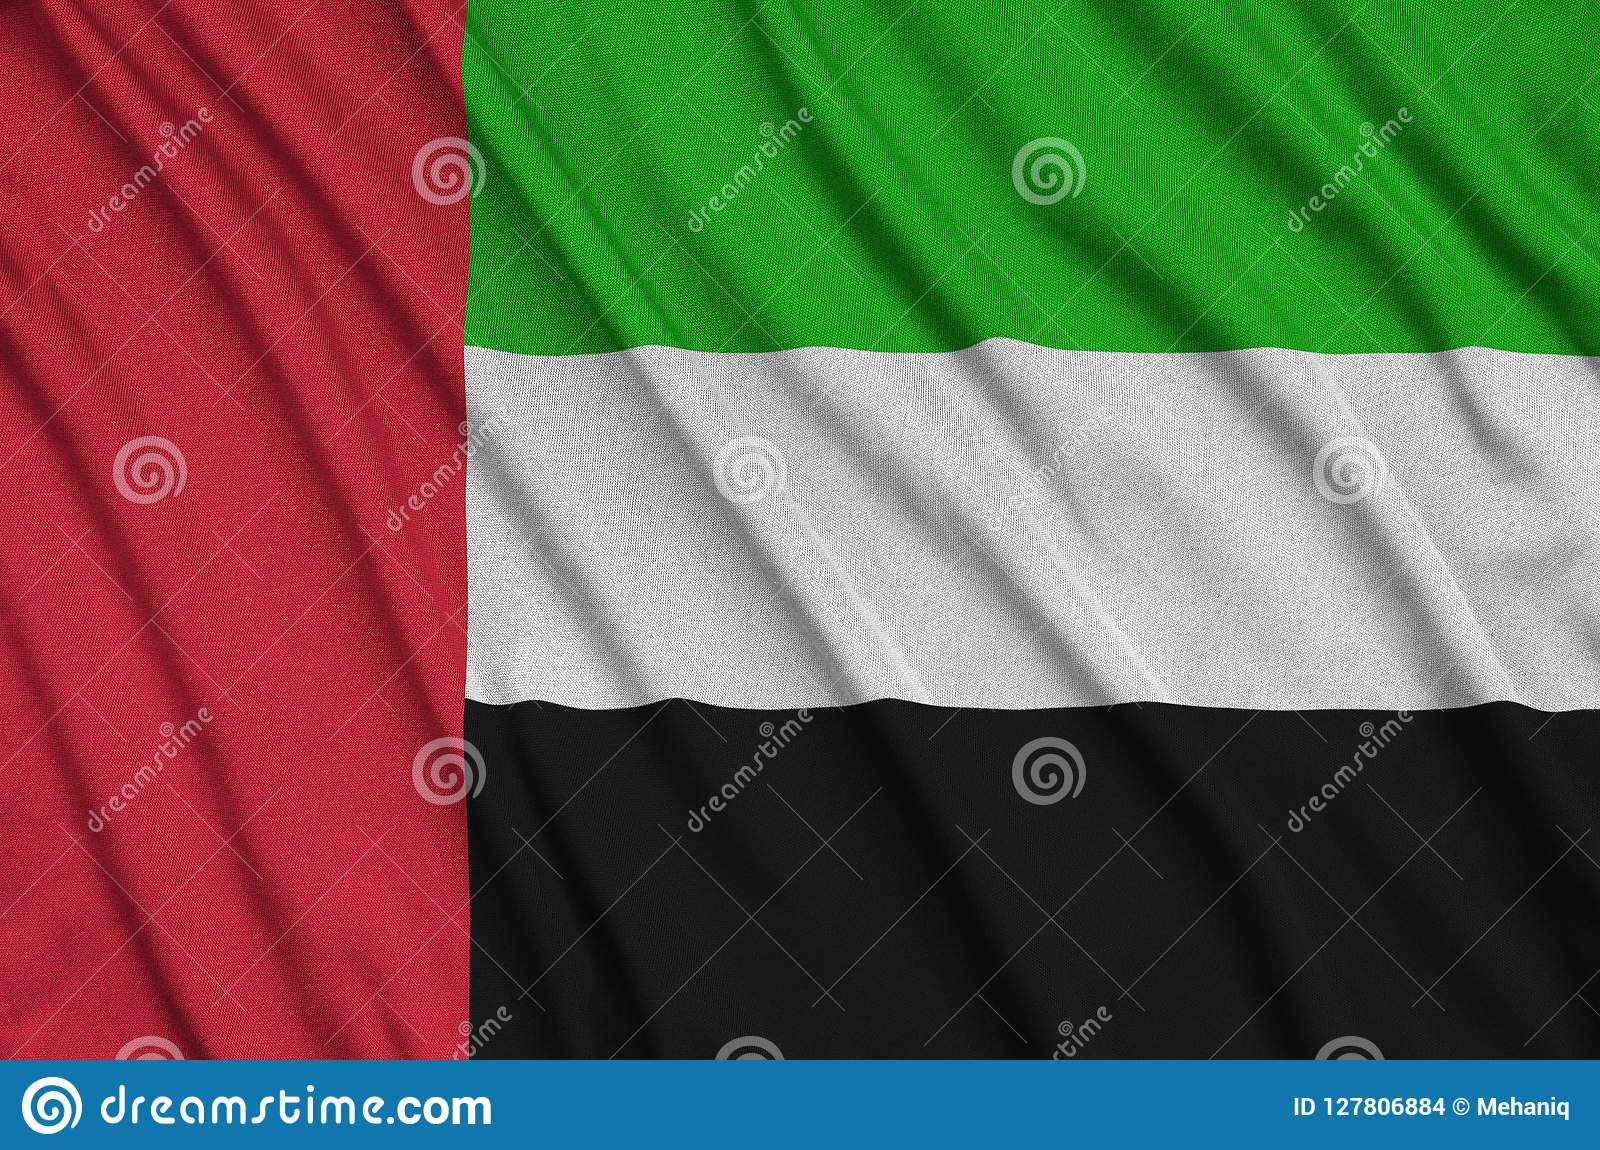 Η σημαία των Ηνωμένων Αραβικών Εμιράτων απεικονίζεται σε ένα ύφασμα αθλητικών υφασμάτων με πολλές πτυχές Έμβλημα αθλητικών ομάδων